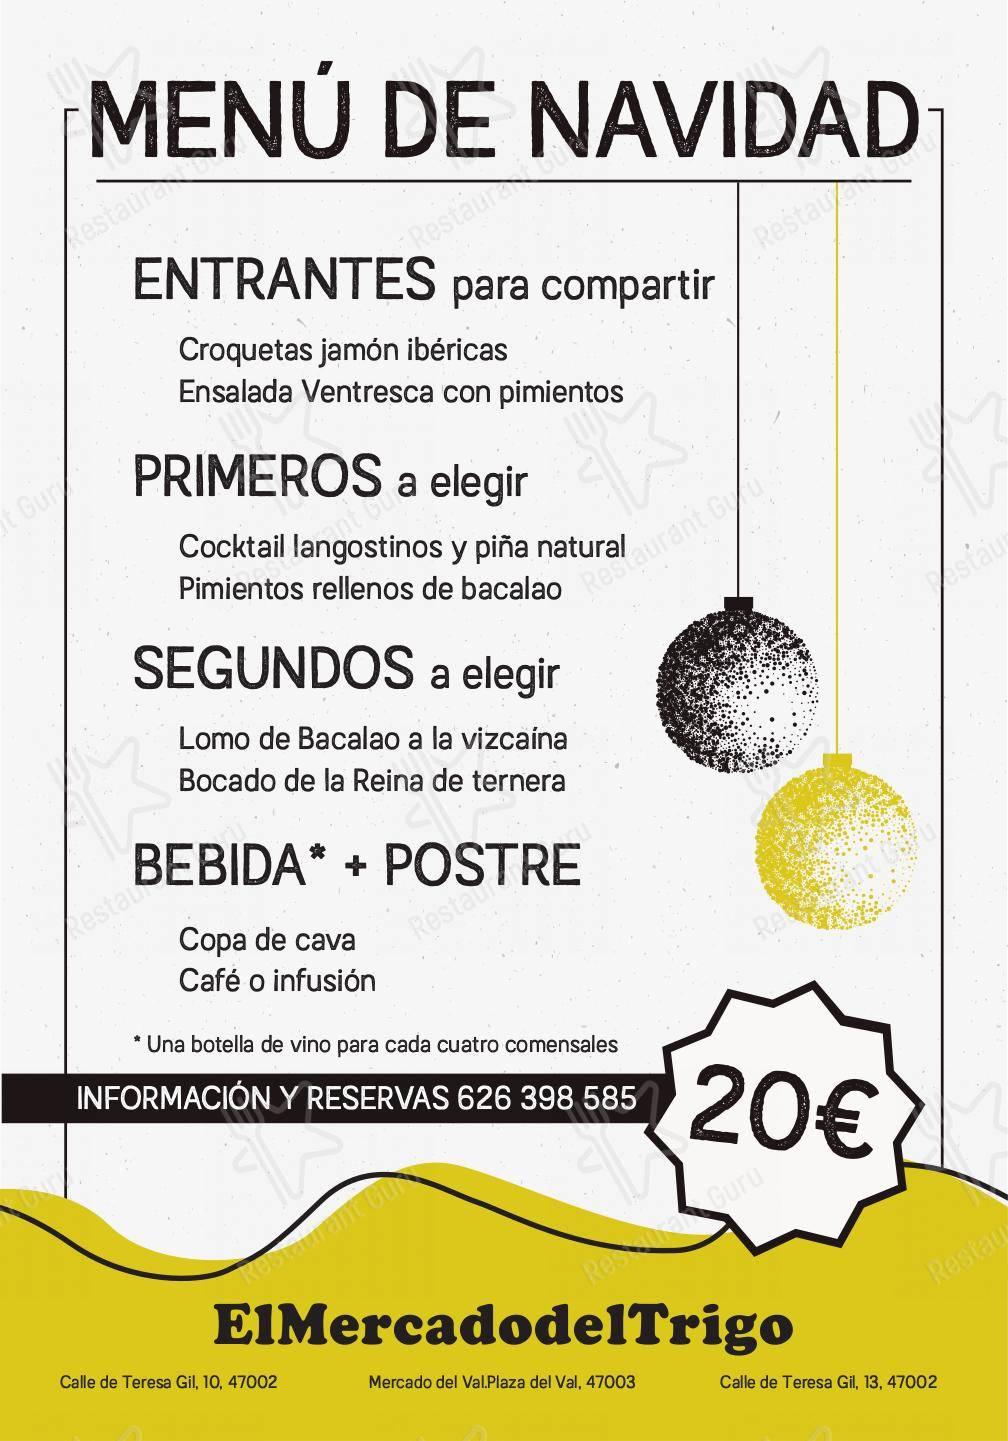 Carta de El Mercado Del Trigo restaurante